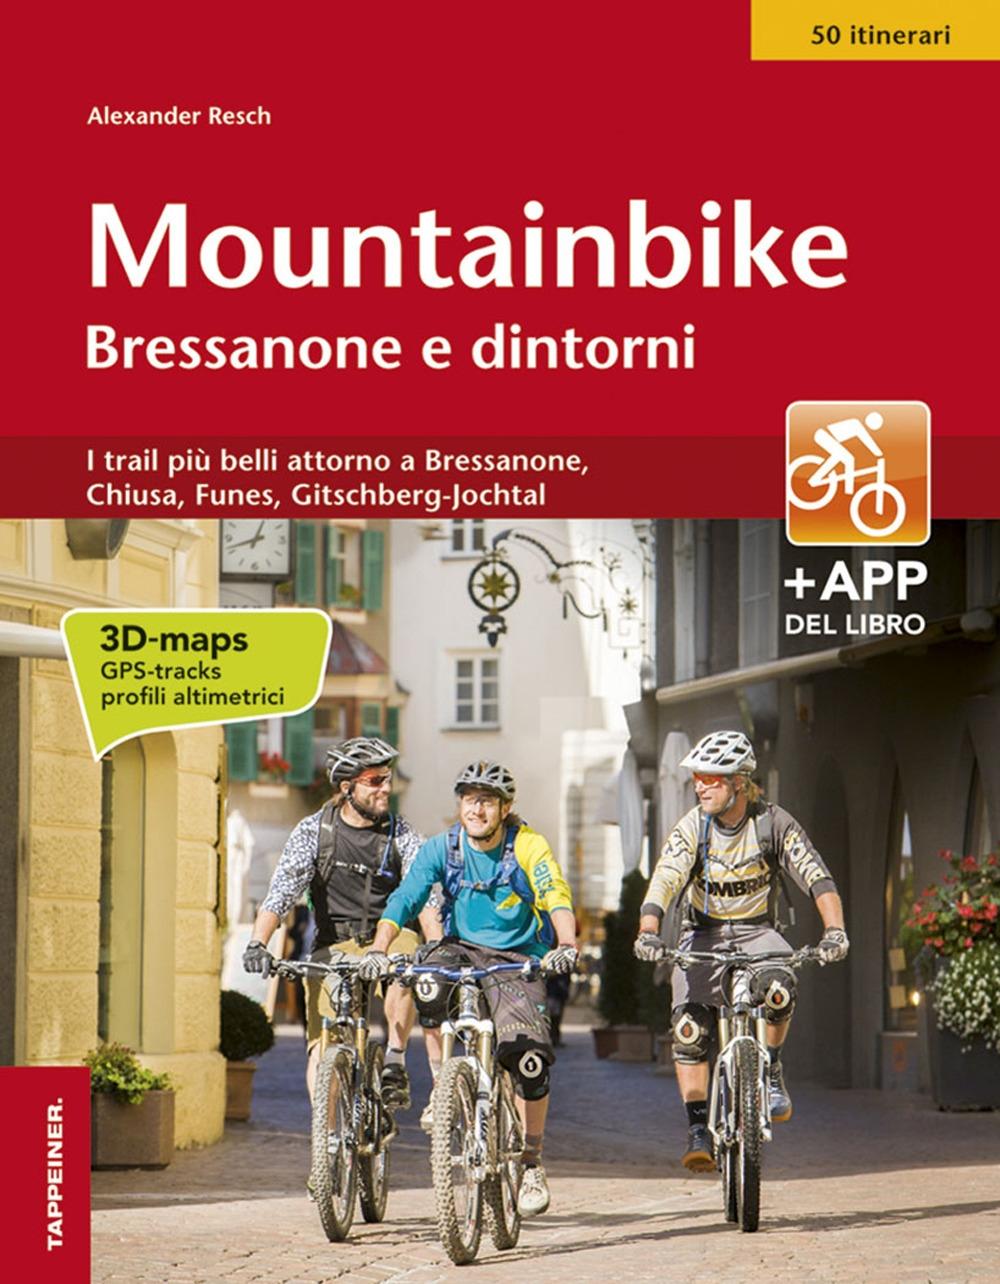 Mountainbike Bressanone e dintorni.